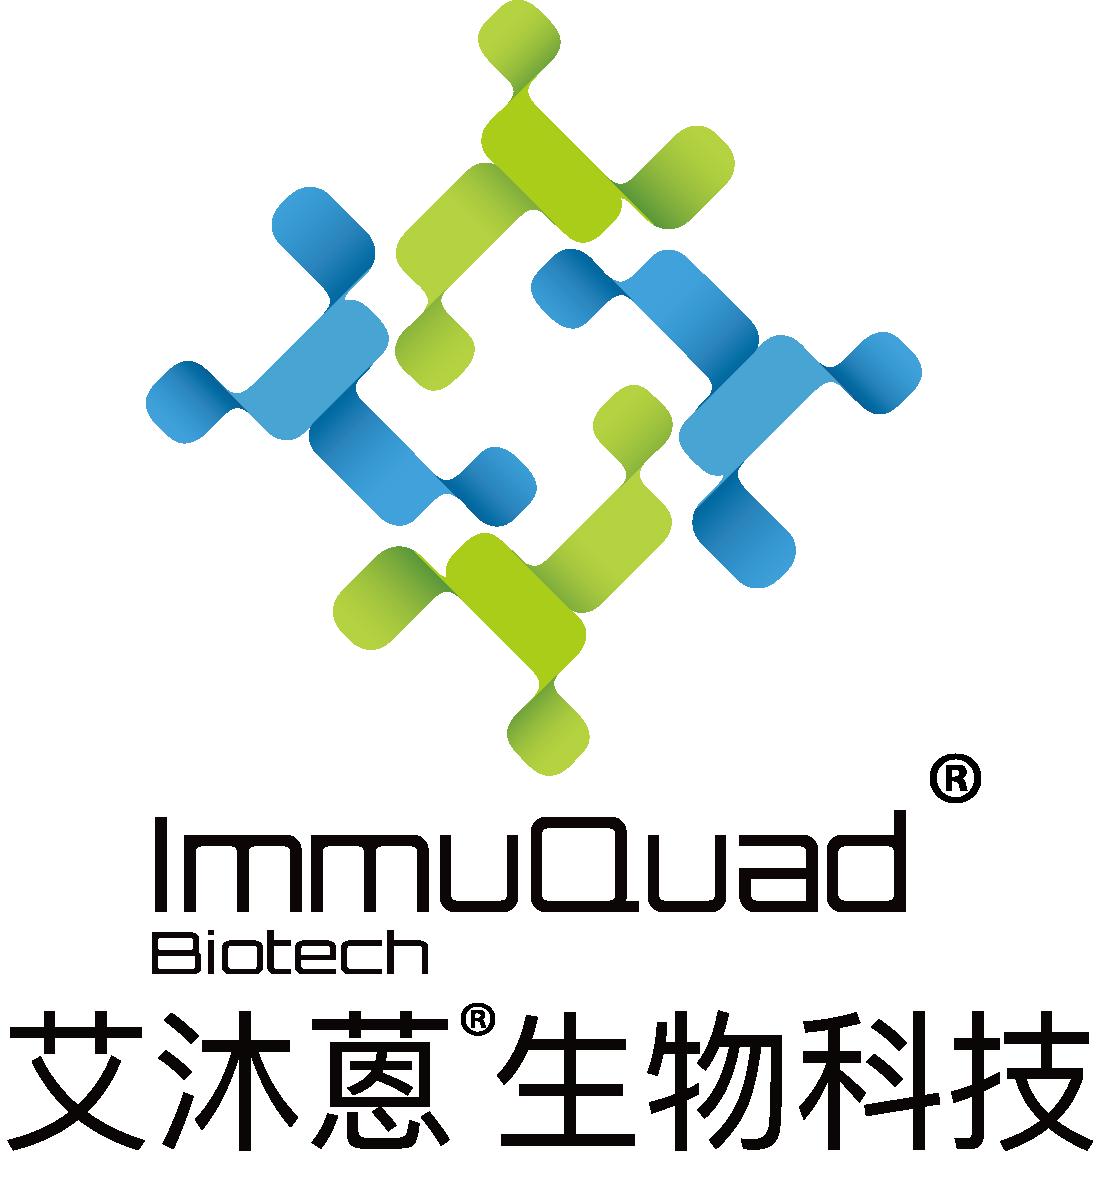 免疫组库测序服务---ImmuHub®